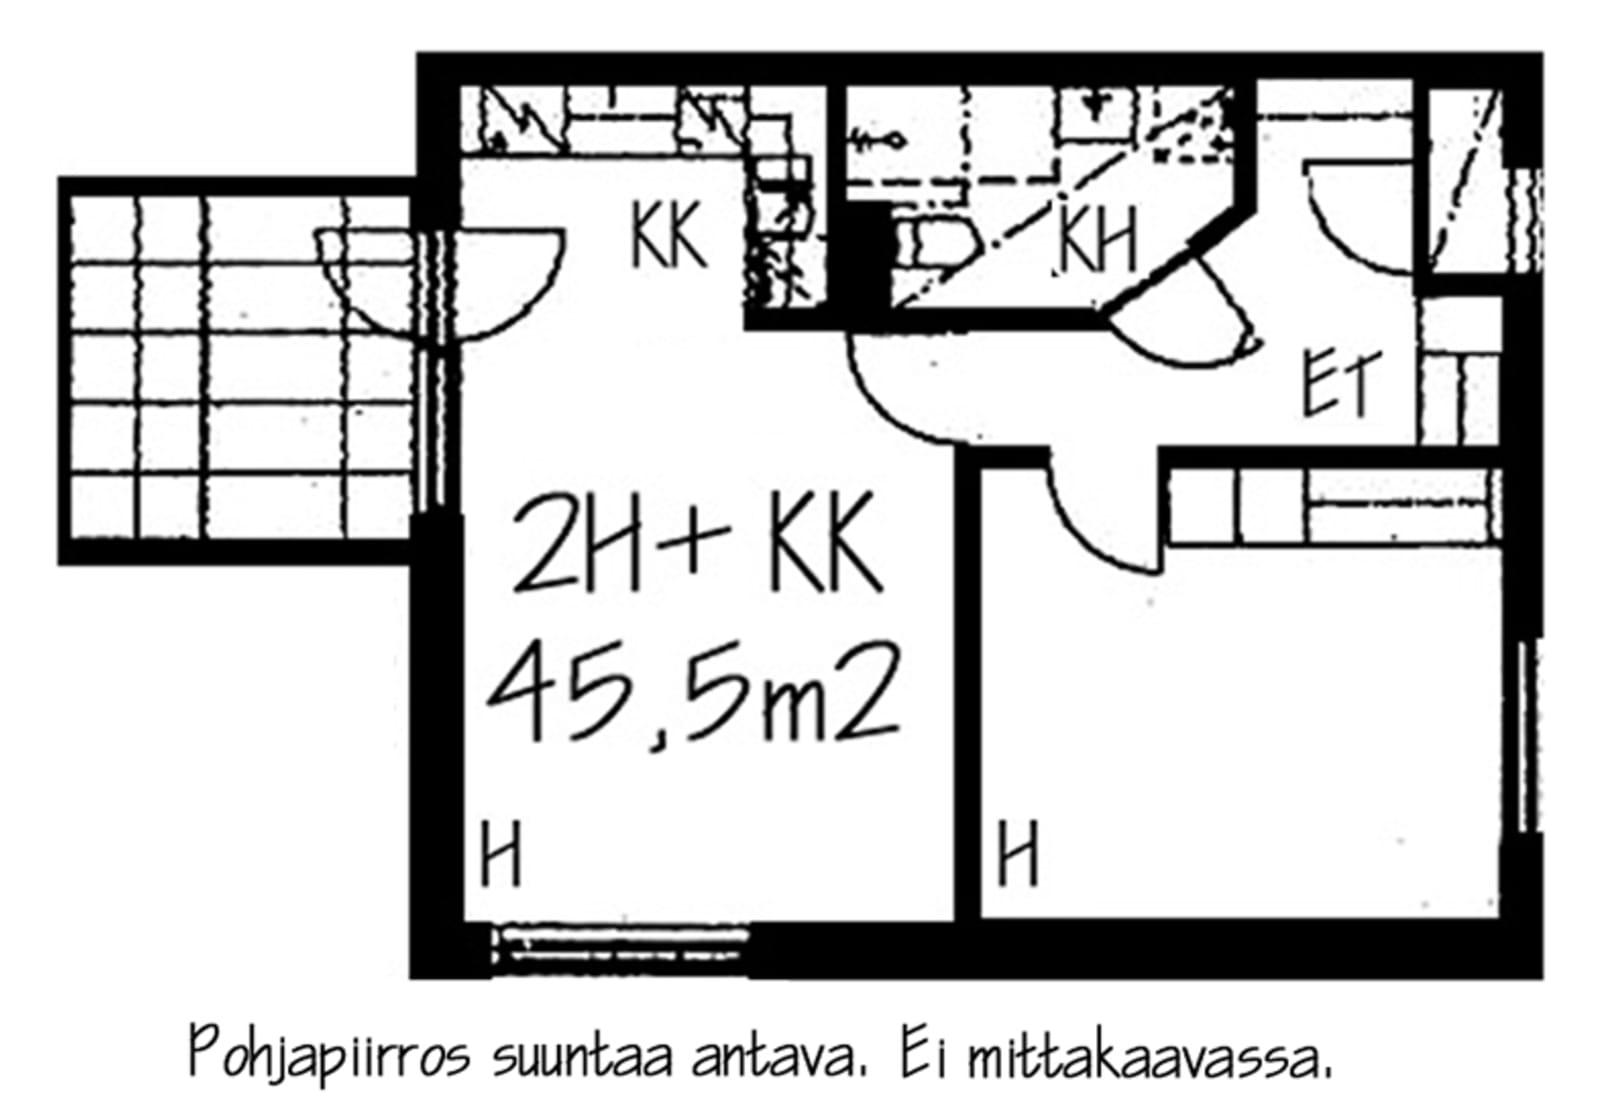 Helsinki, Mellunkylä, Linnanpellonkuja 12 E 024